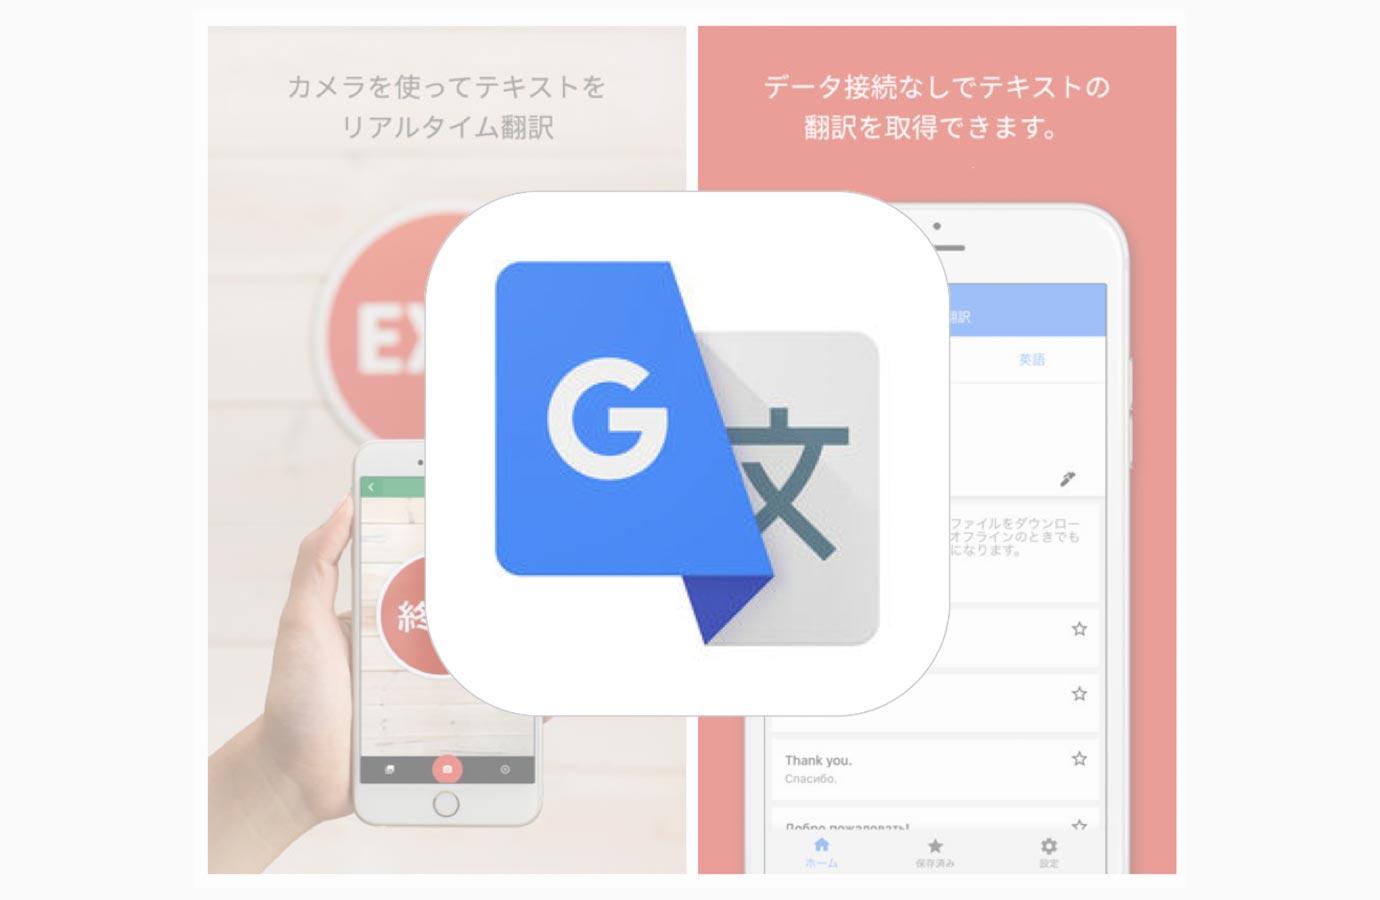 iOSアプリ「Google 翻訳」がアップデートで「iPhone X」のディスプレイサイズに対応